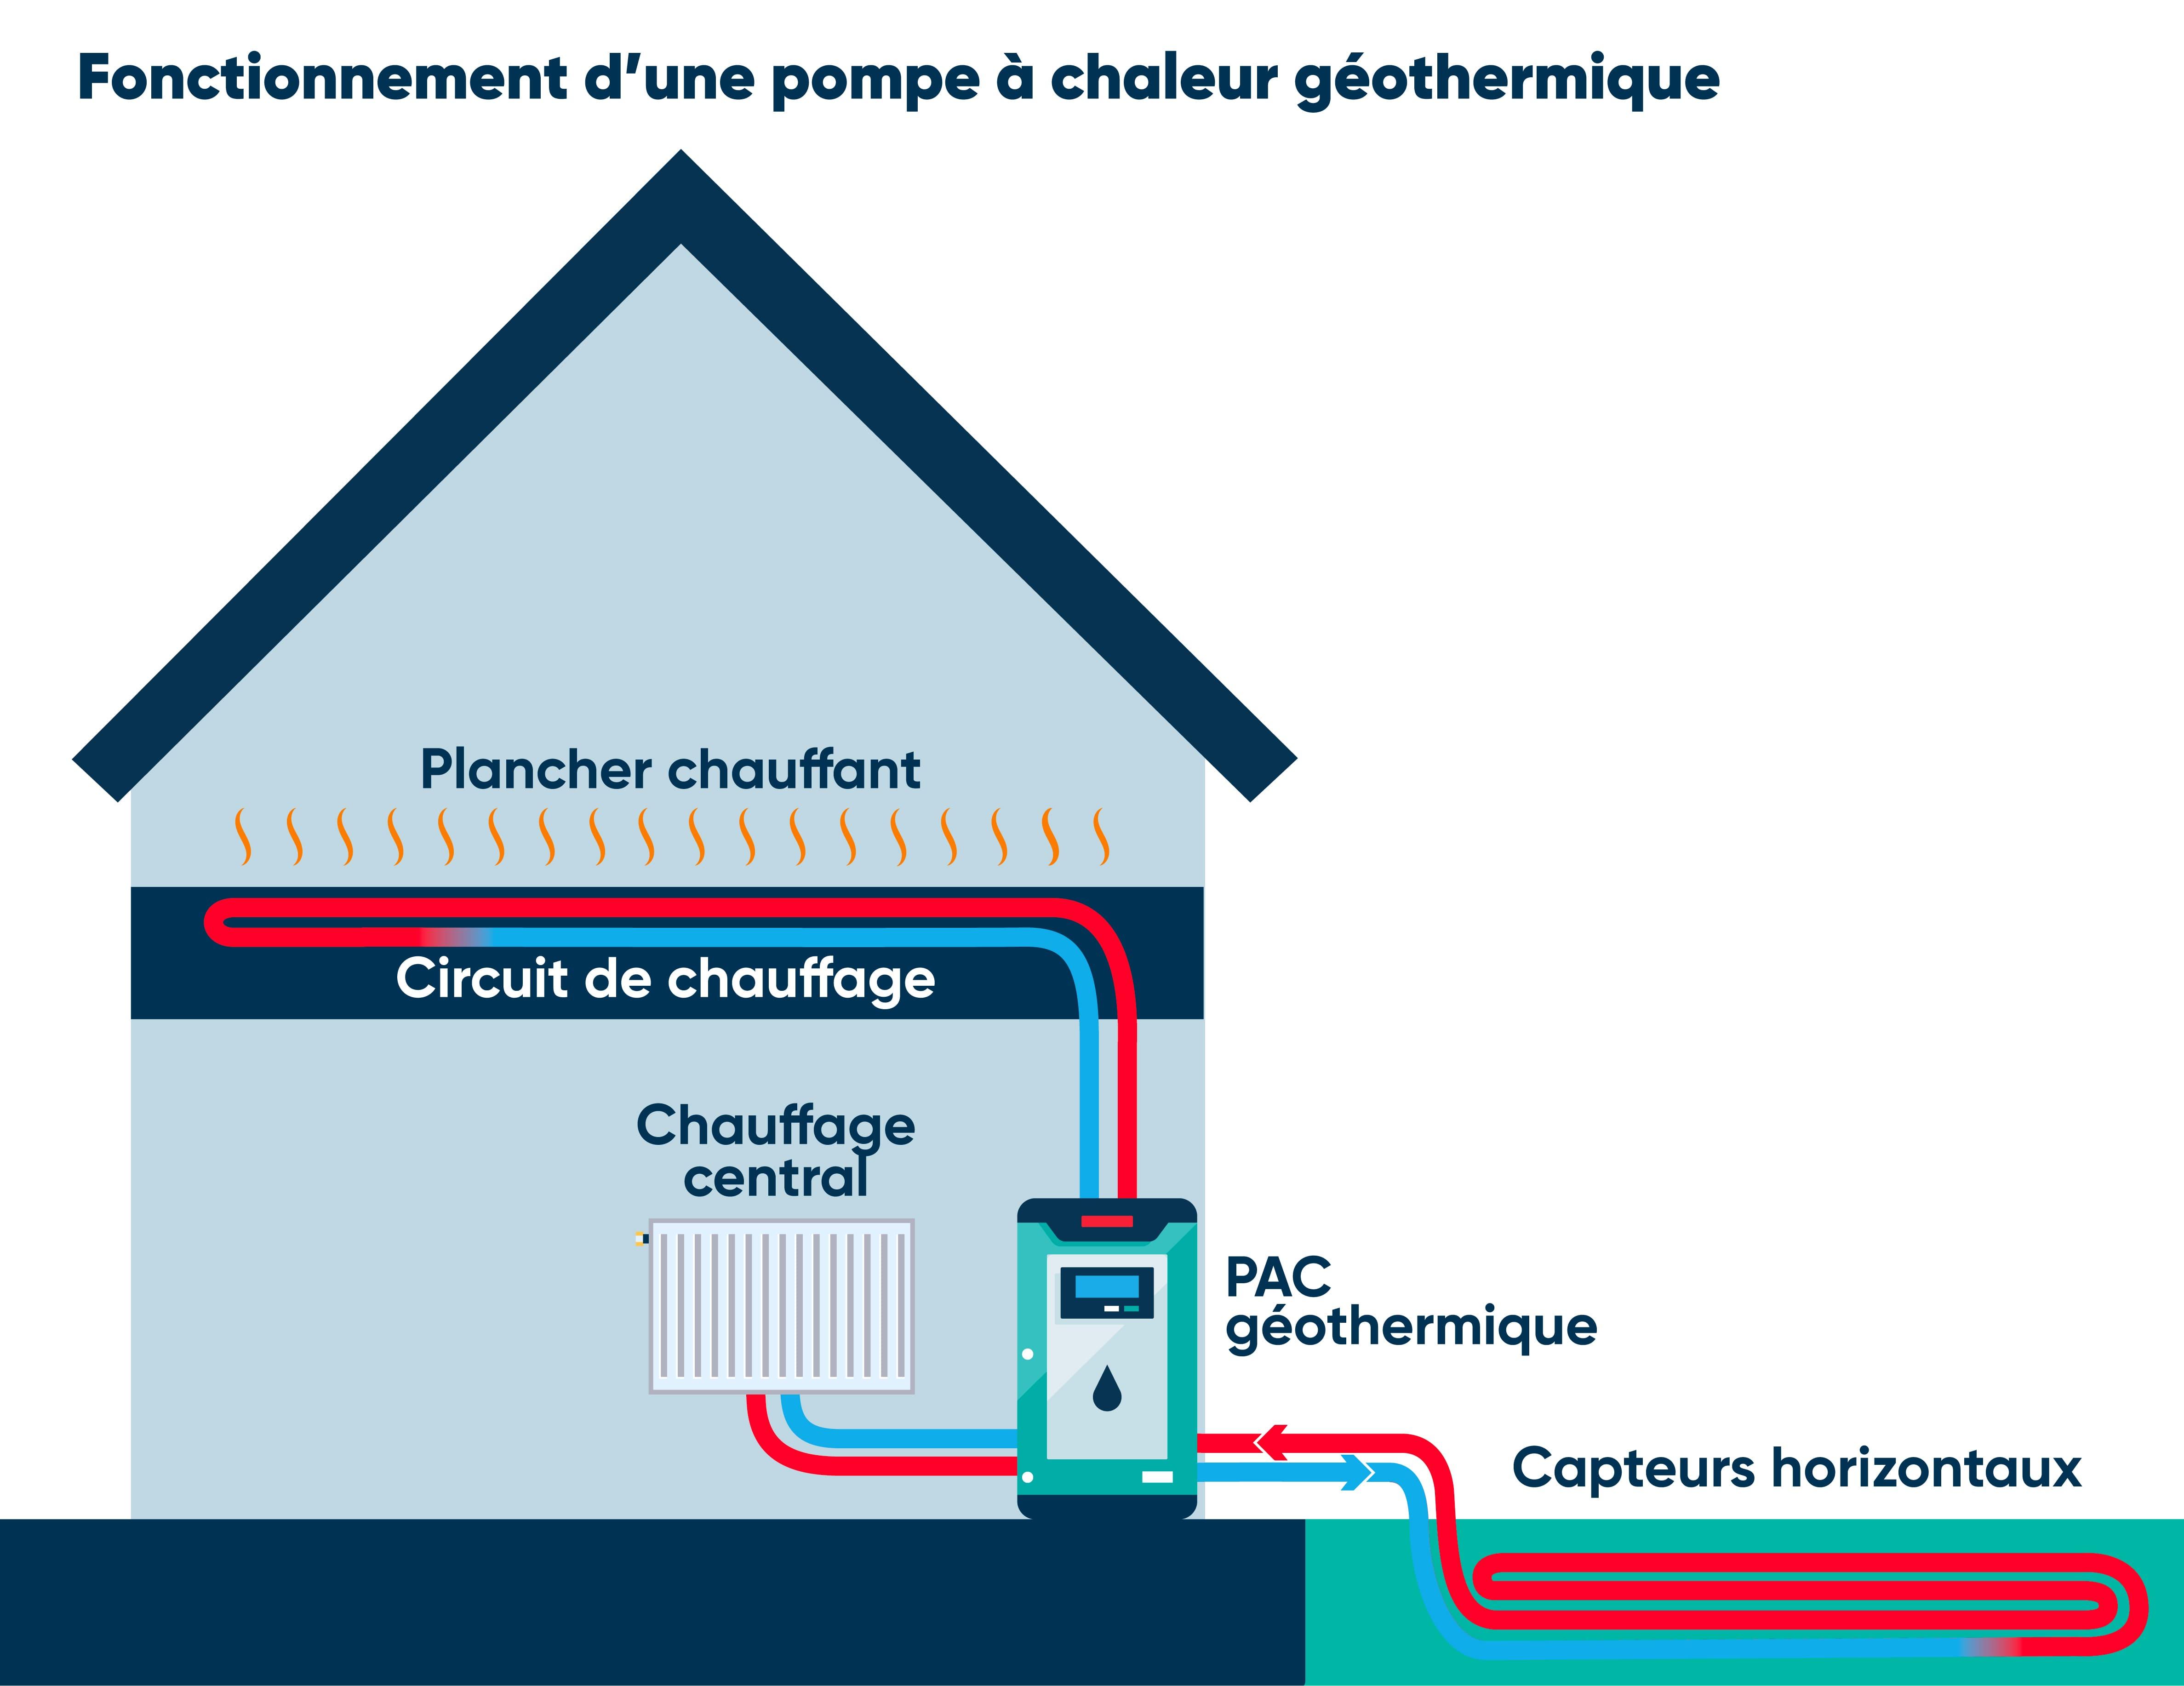 Schéma fonctionnement PAC geothermique